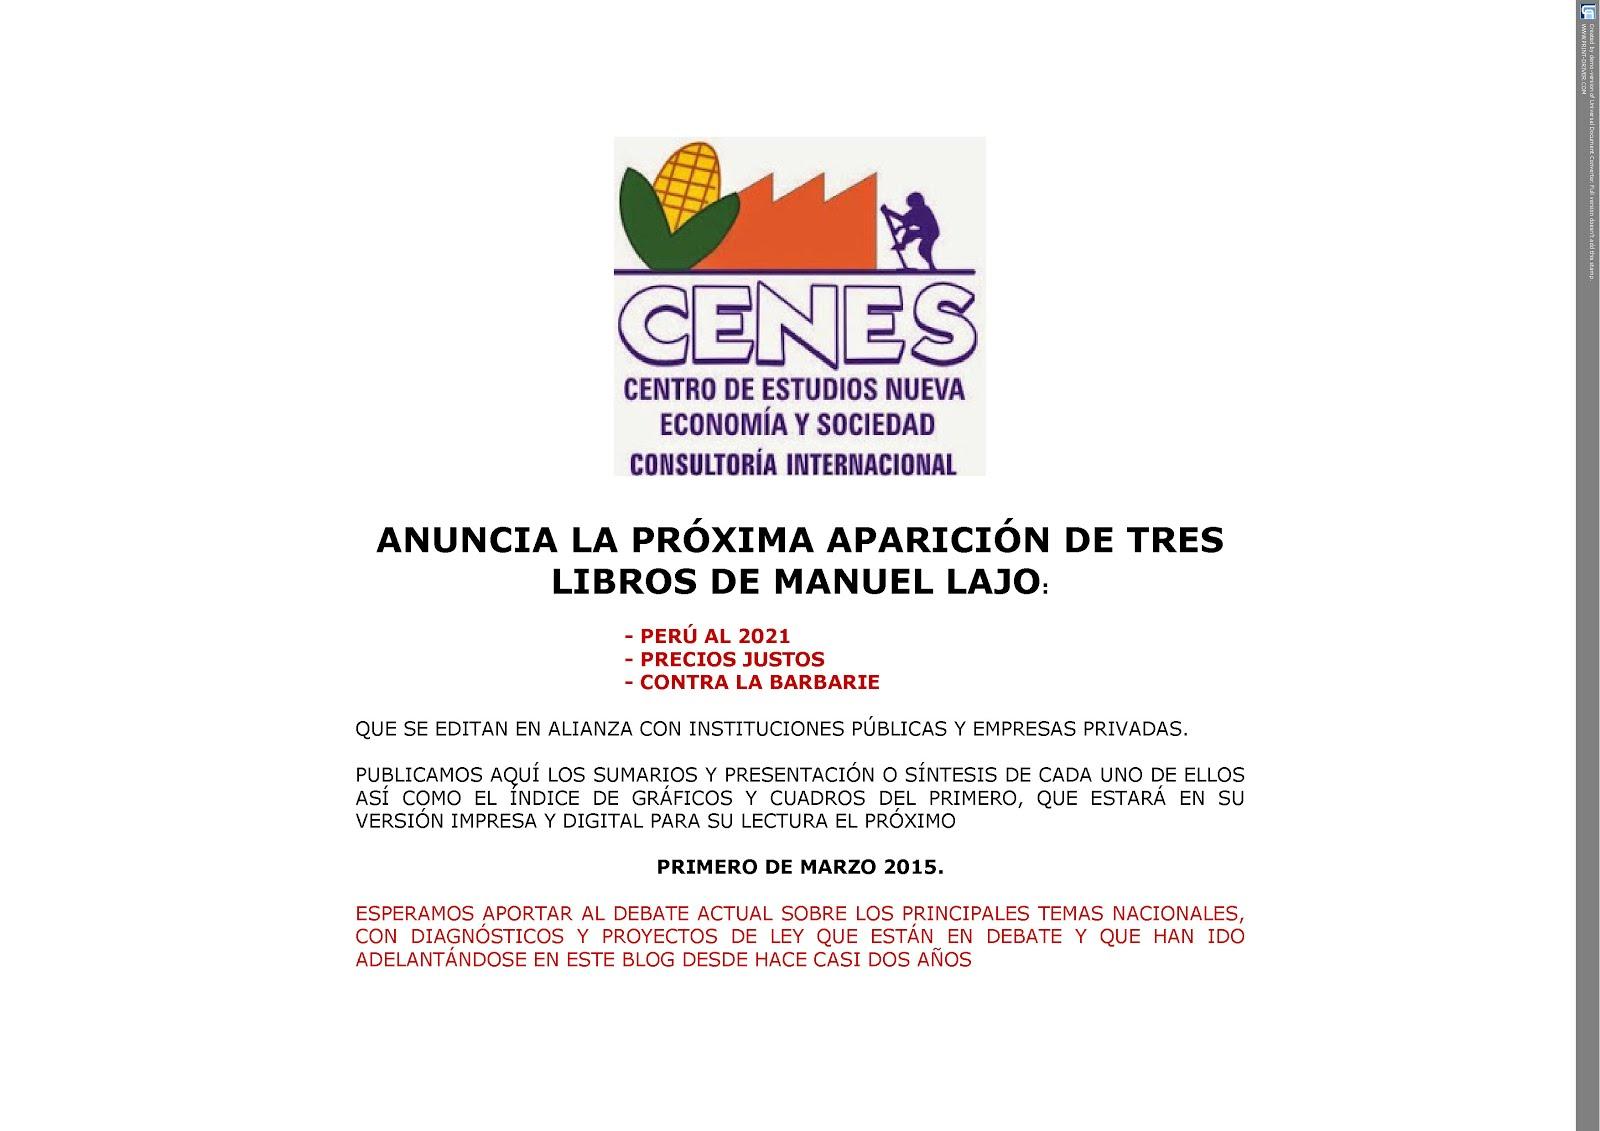 CENES: ANUNCIA LA PRÓXIMA APARICIÓN DE TRES LIBROS DE MANUEL LAJO